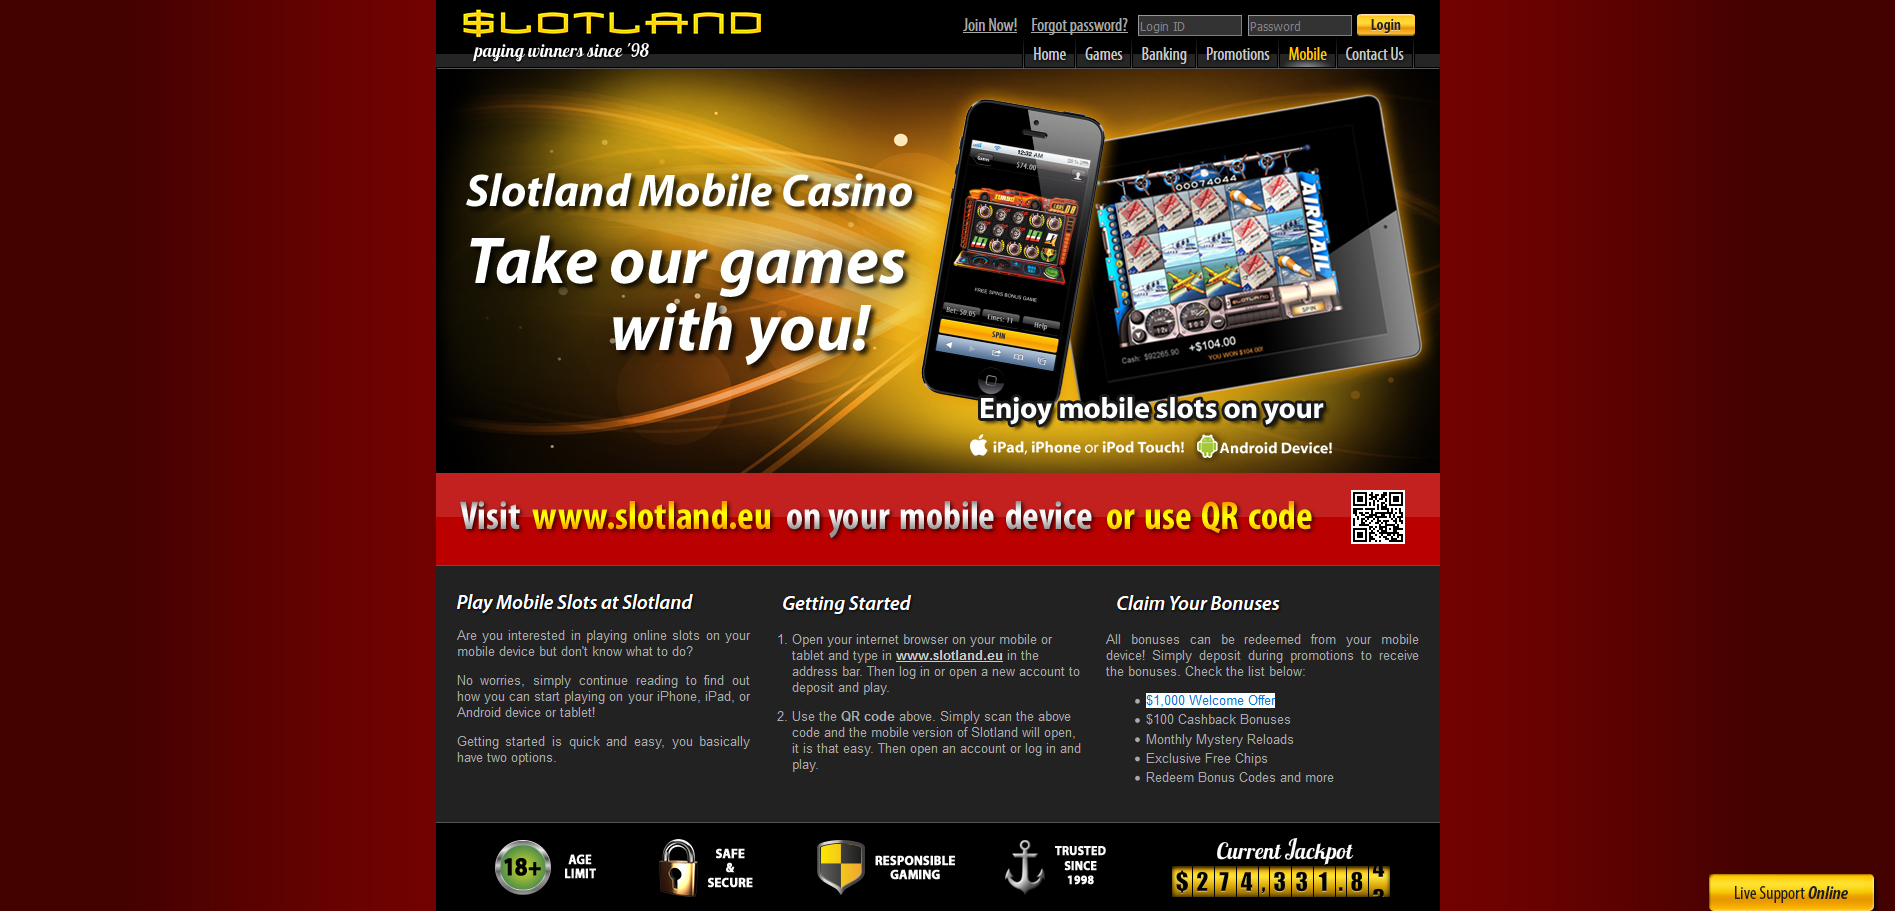 Slotland Mobile